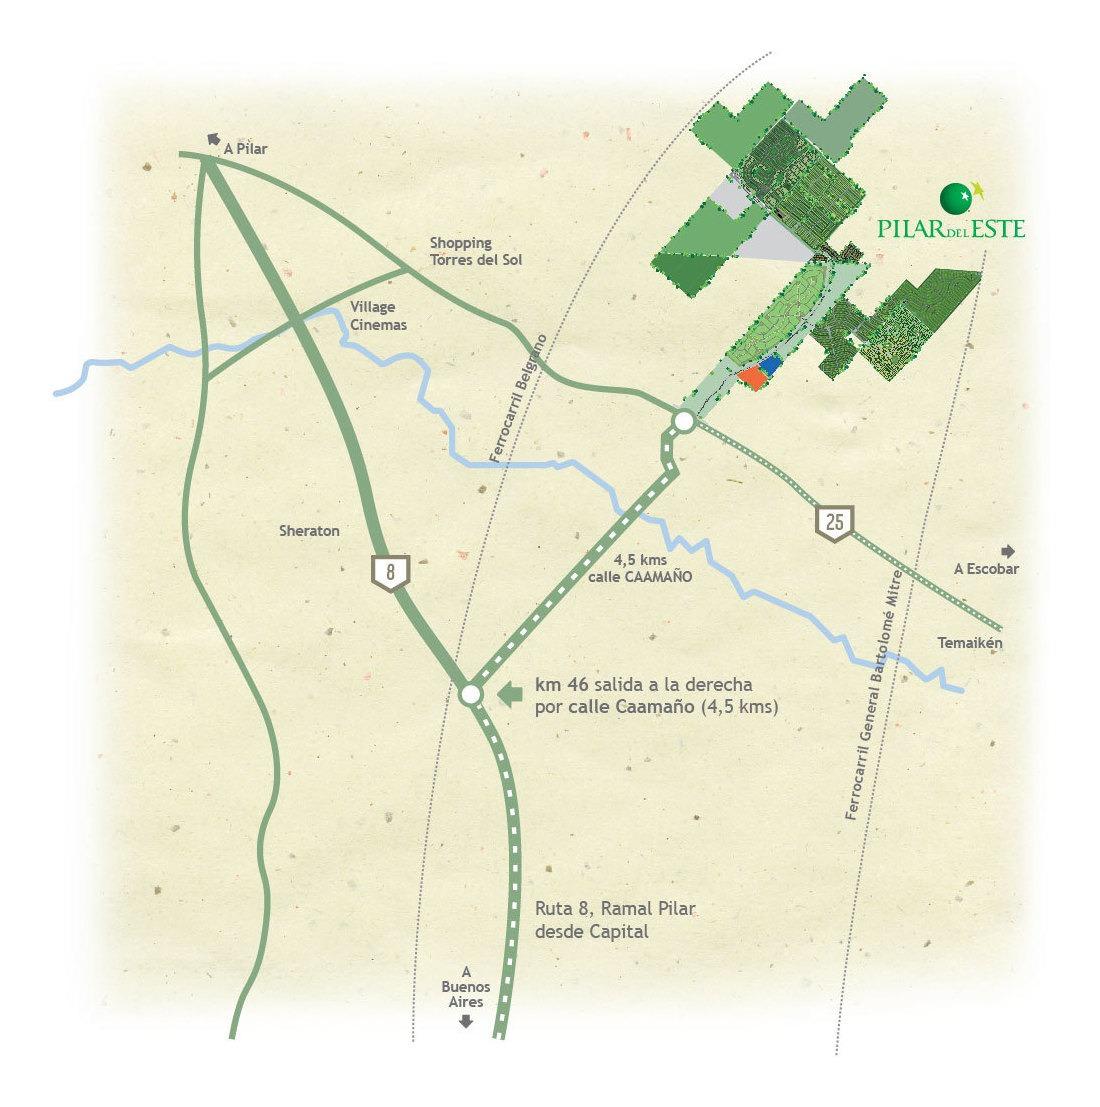 lote perimetral #0-100 - pilar del este - santa lucia - 559m2 #id 17639